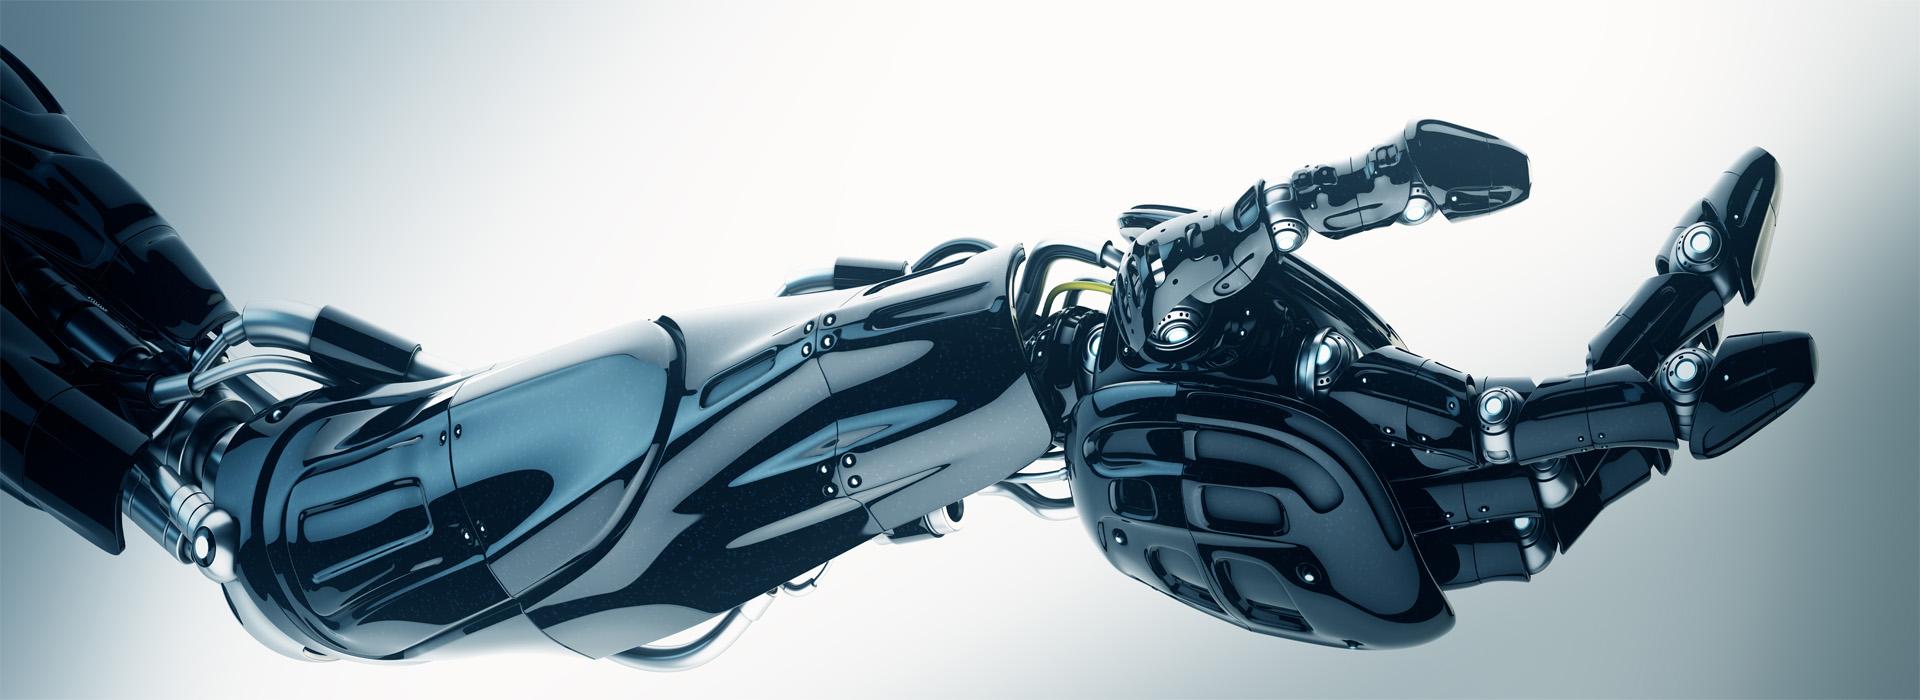 Robotics-1920x700